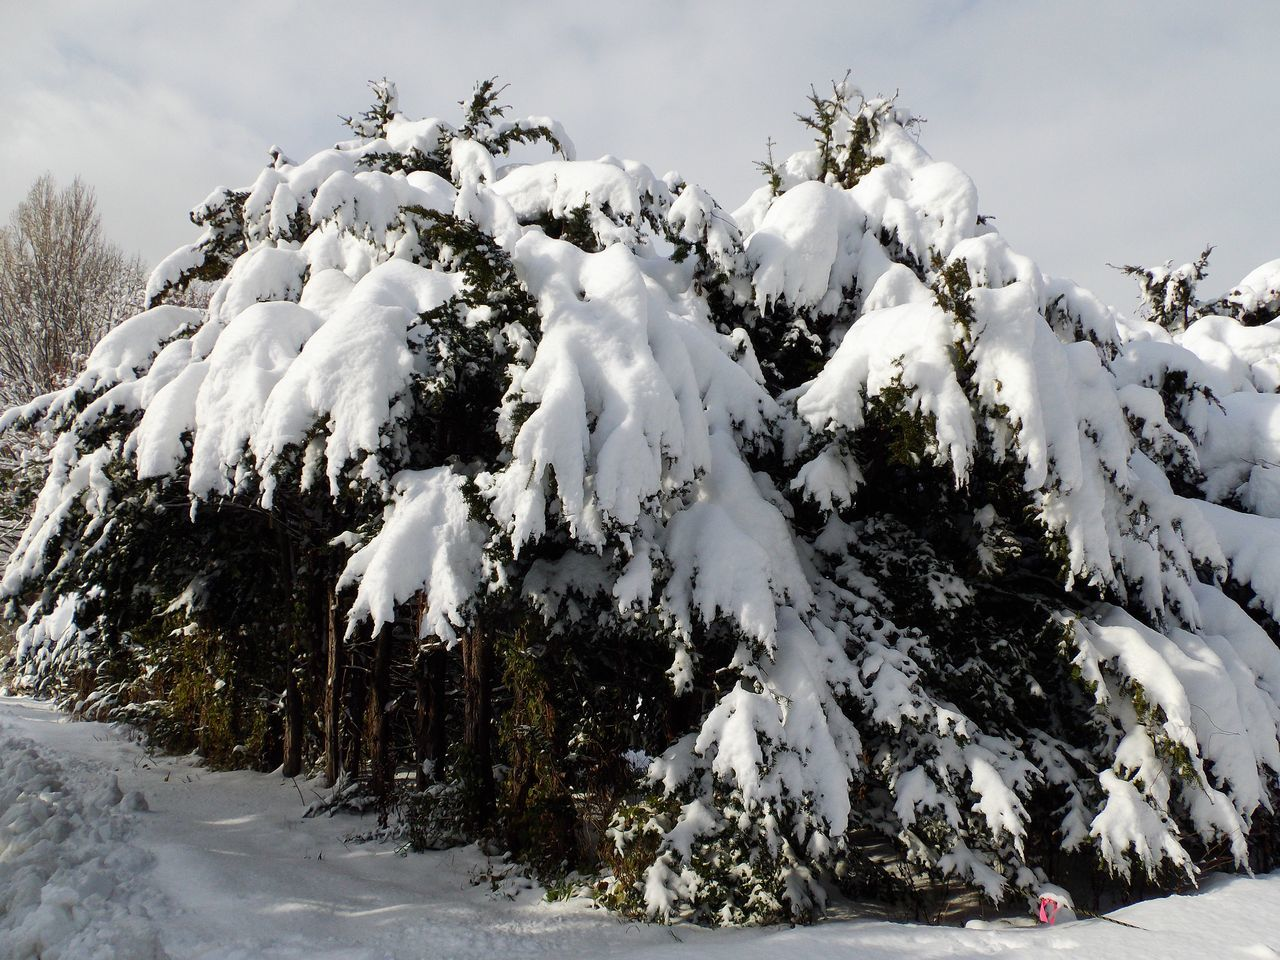 降って降って11月としては62年ぶりの大雪_c0025115_18495829.jpg